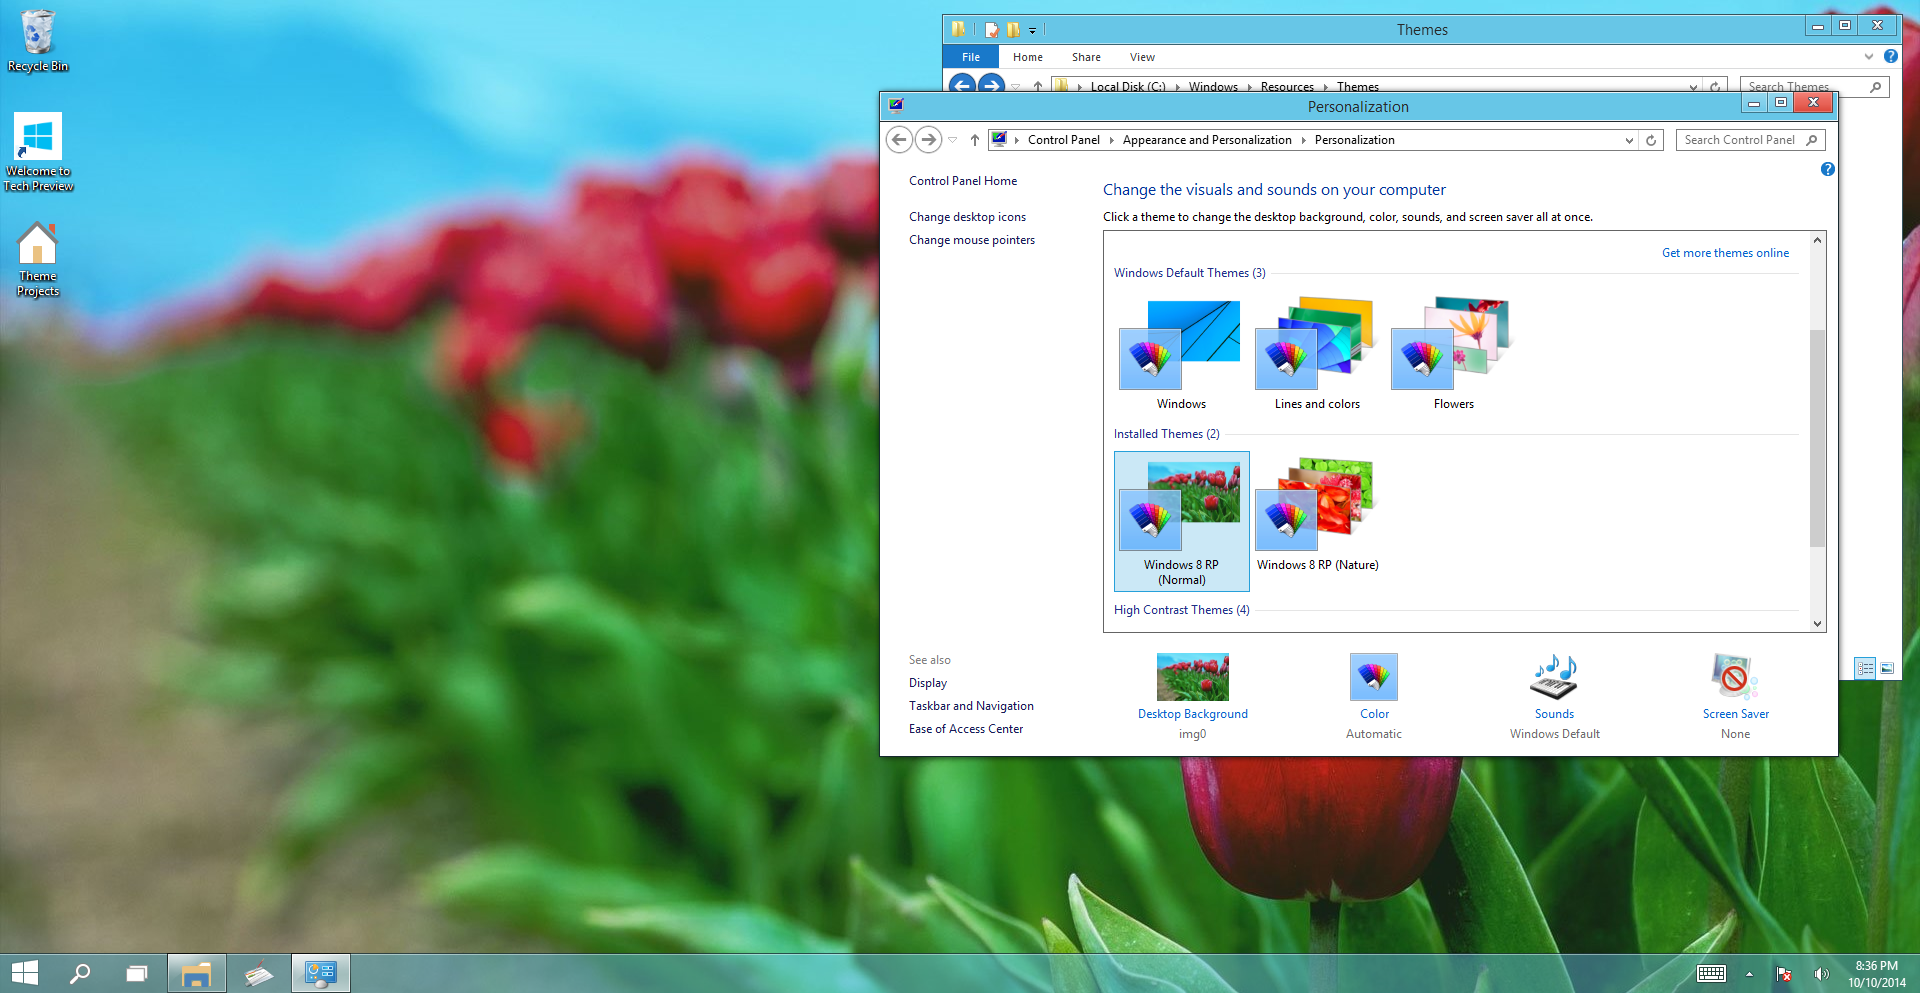 Темы для Windows 10 - Весь софт - Скачать бесплатно - Скачать бесплатно программы